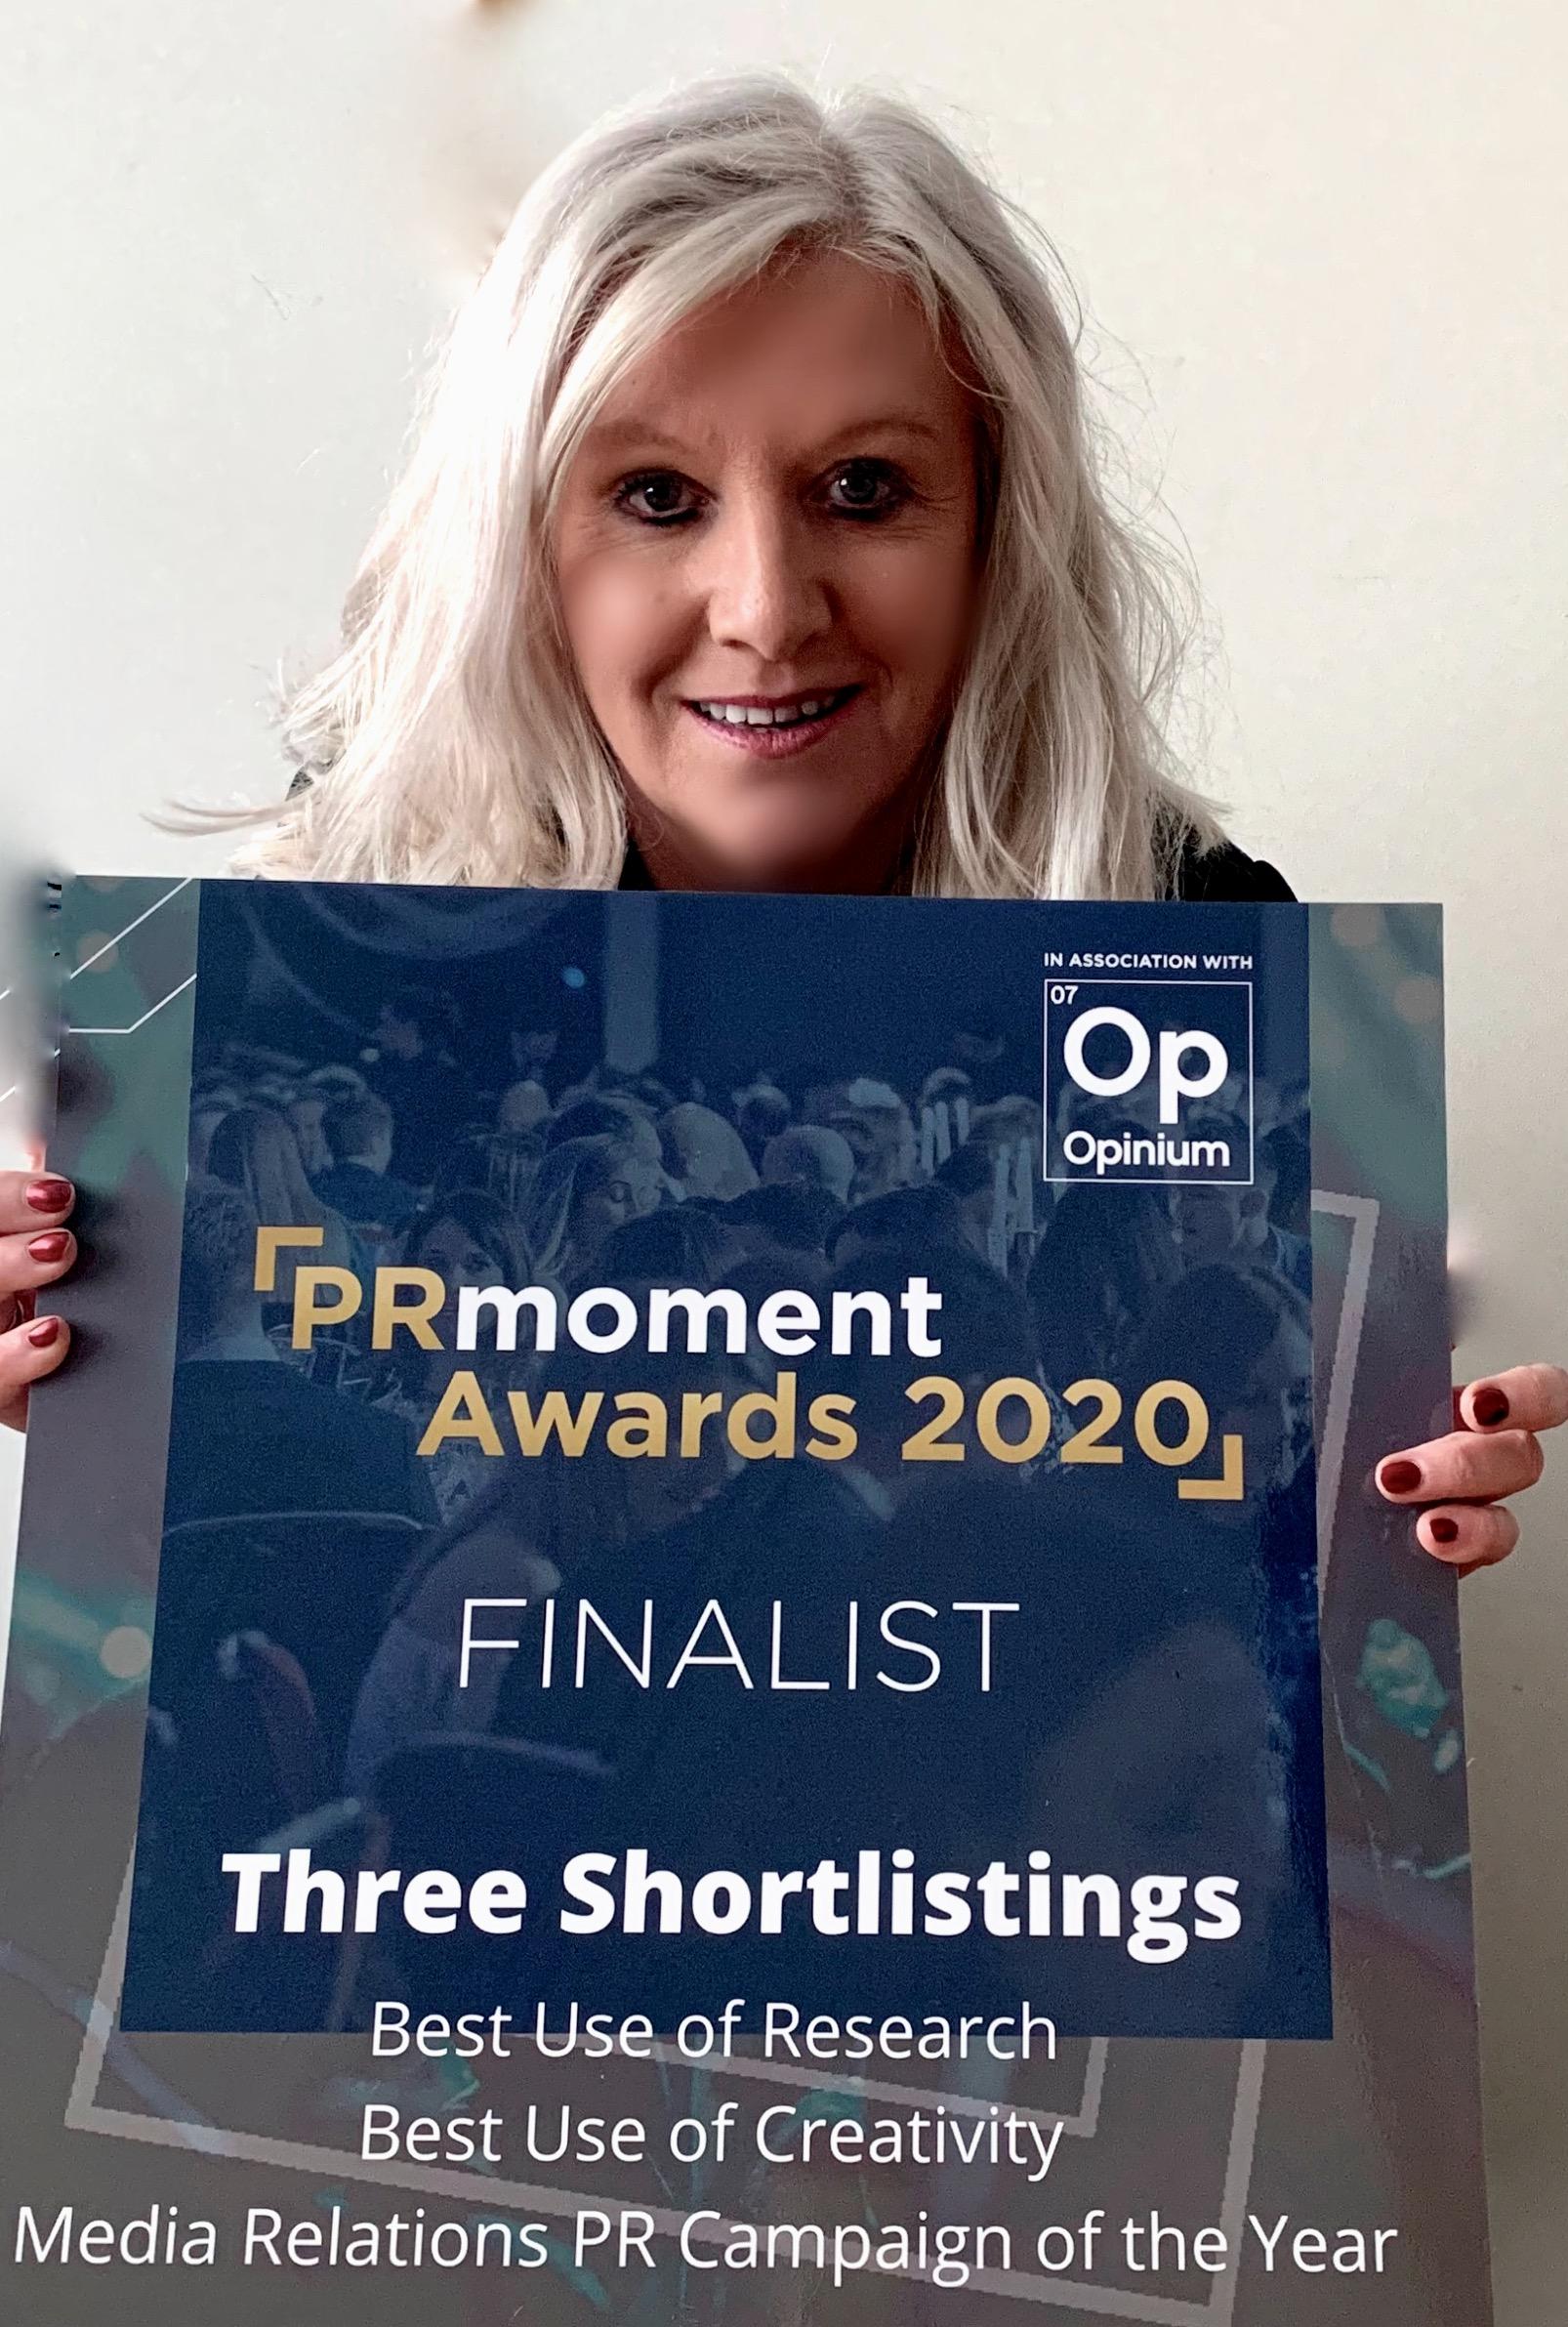 Lancashire Agency up for 3 PRMoment.com Awards